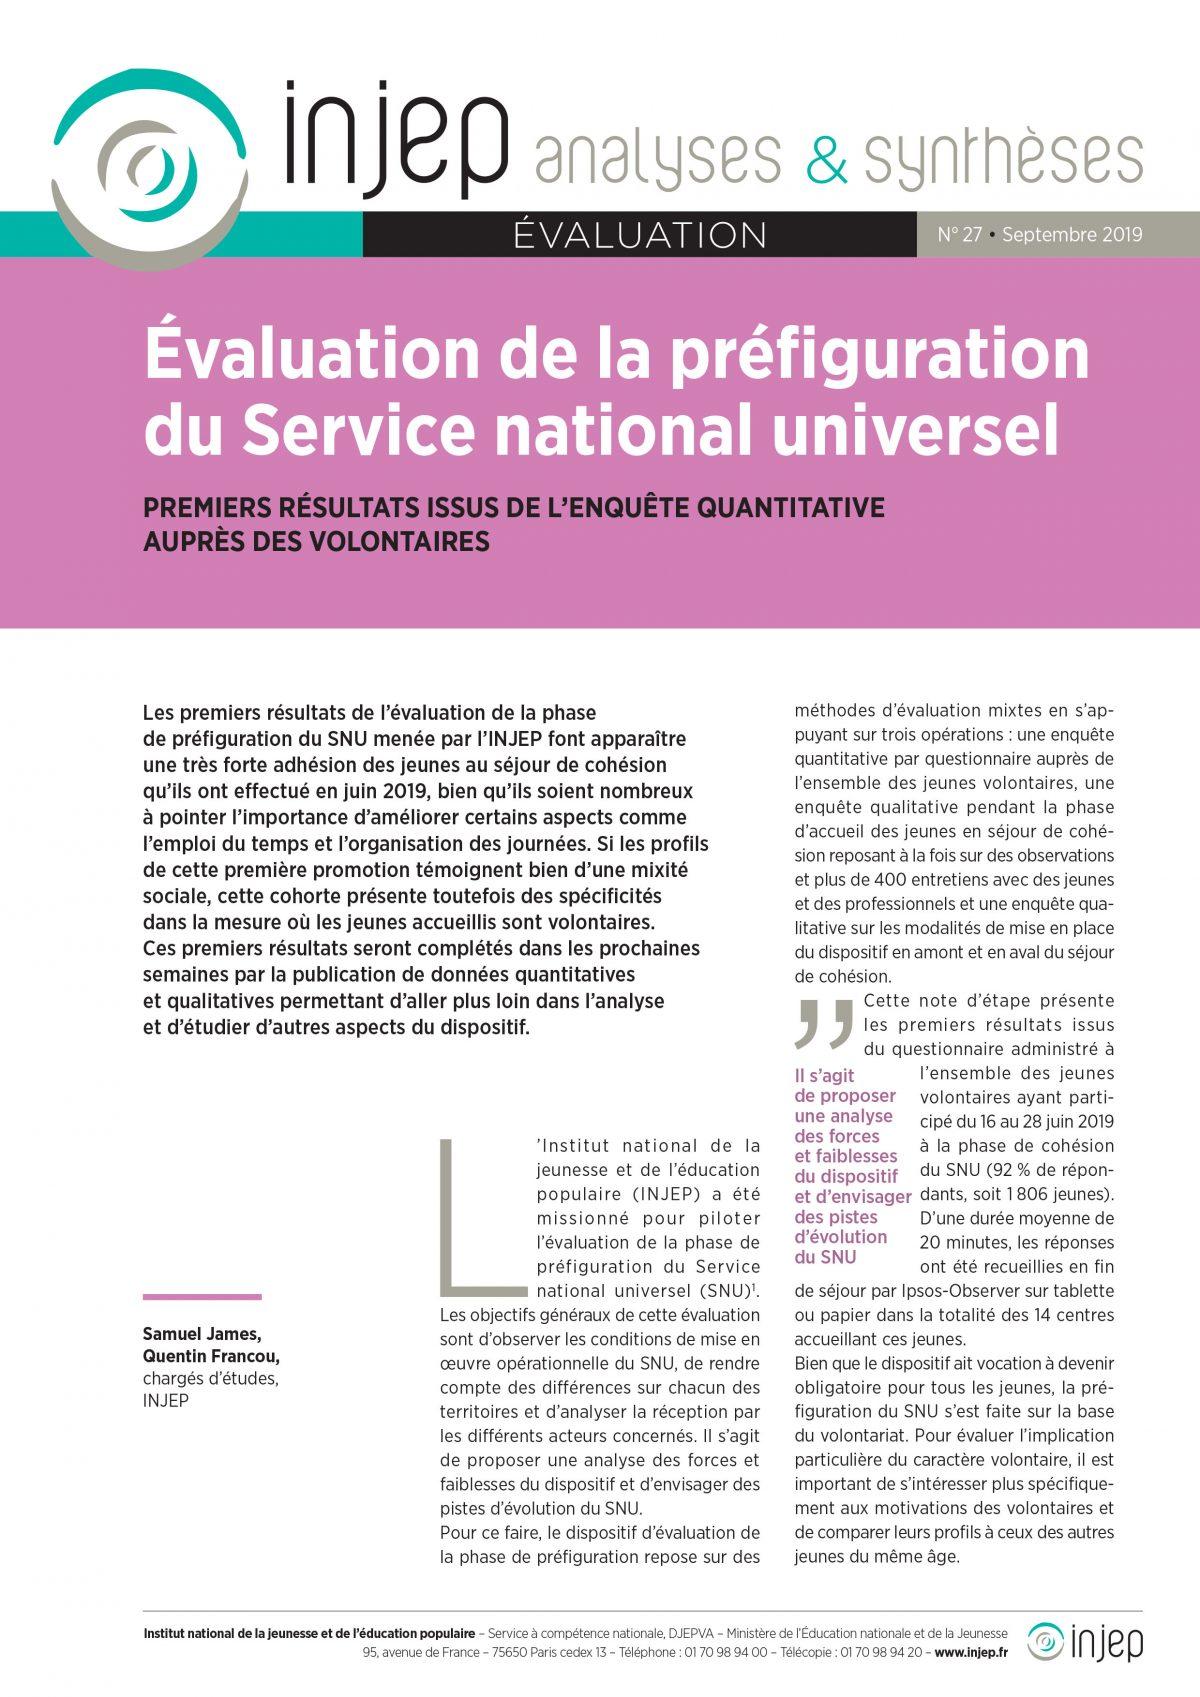 Evaluation de la préfiguration du Service national universel